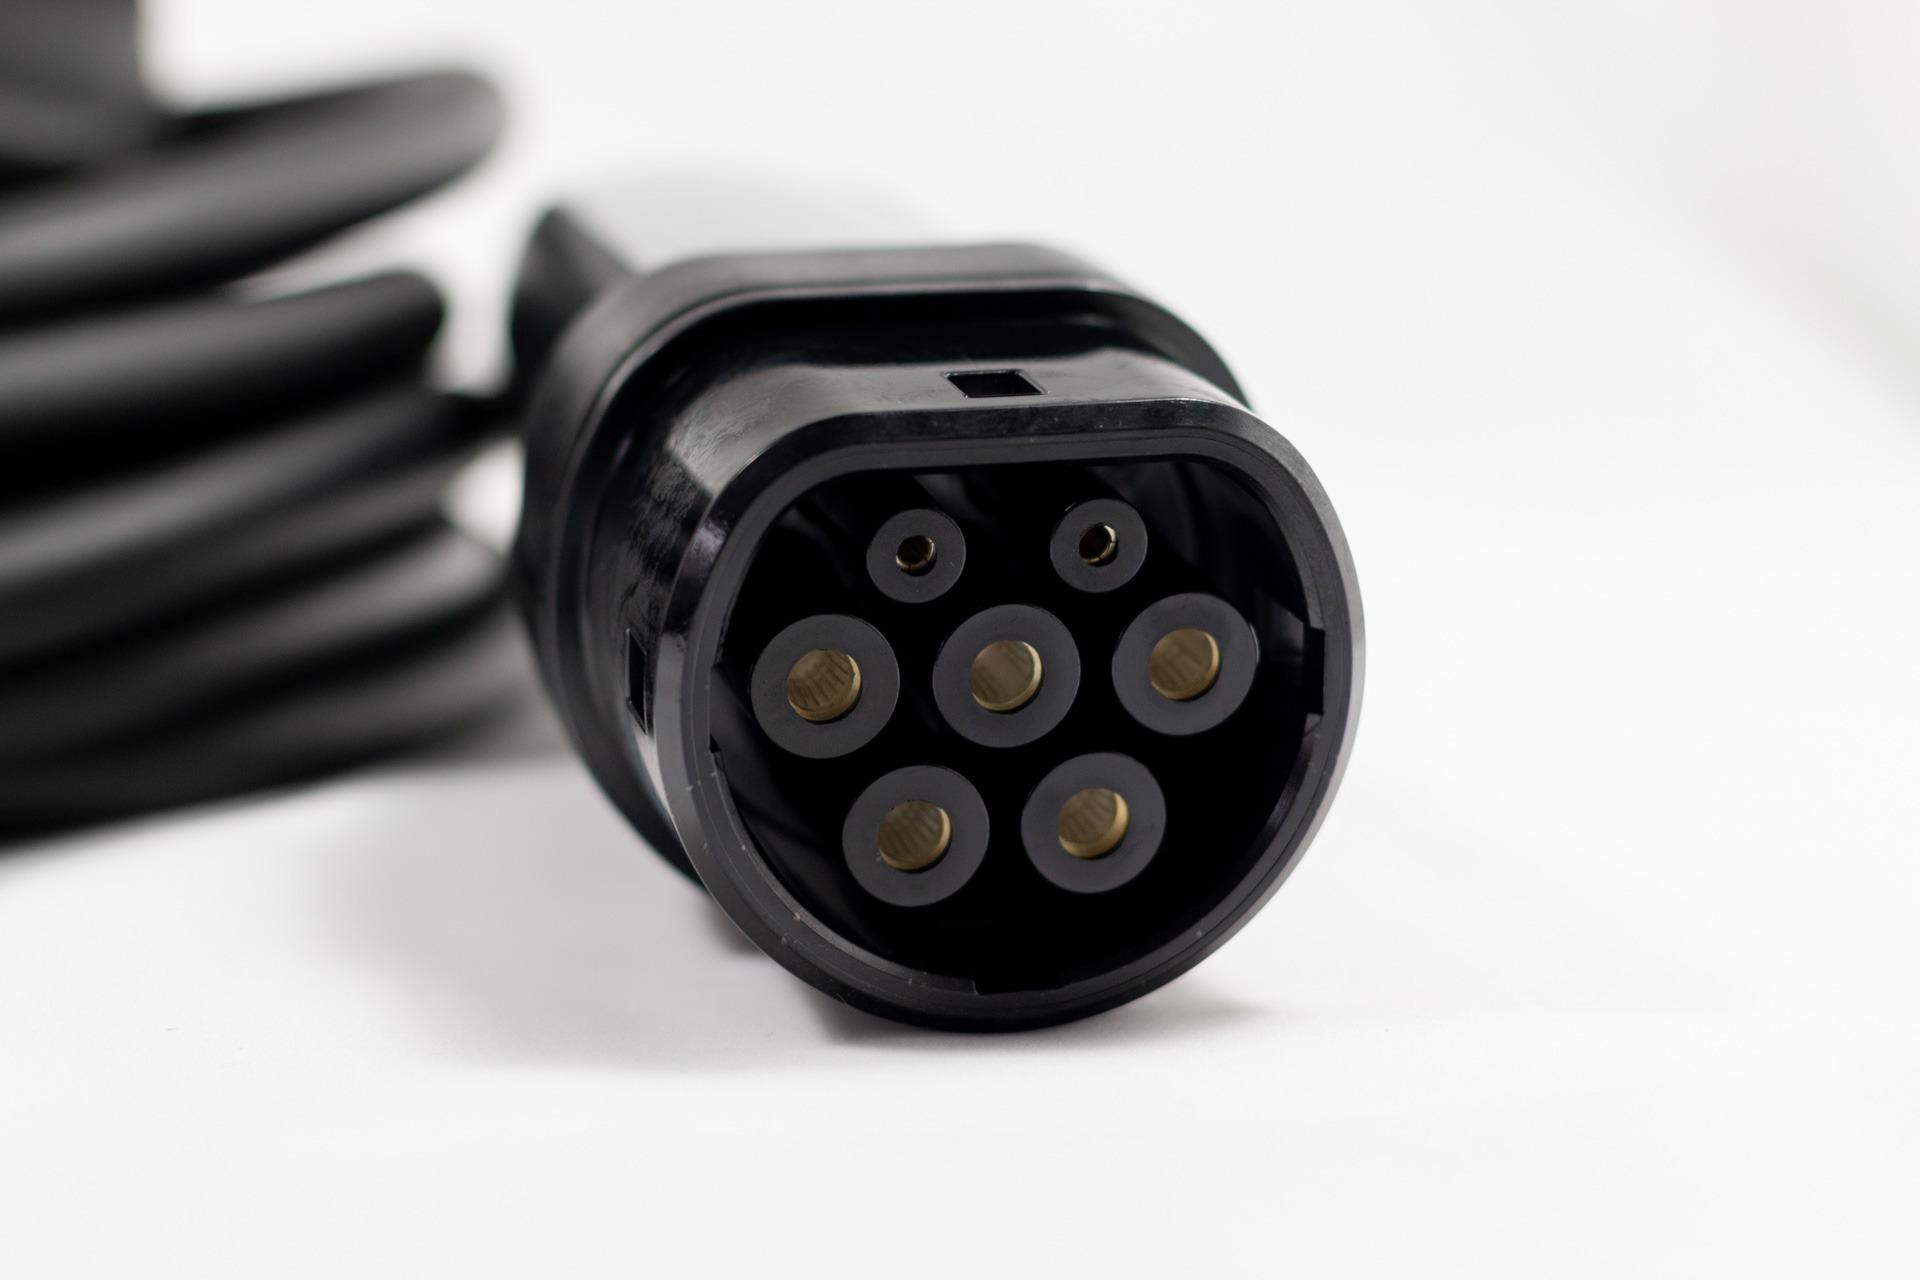 Tesla UMC 1. Generation Kabel Adapter Ladegerät 11 kW dreiphasig 3-phasig Greenspeed gebraucht kaufen Aachen Deutschland